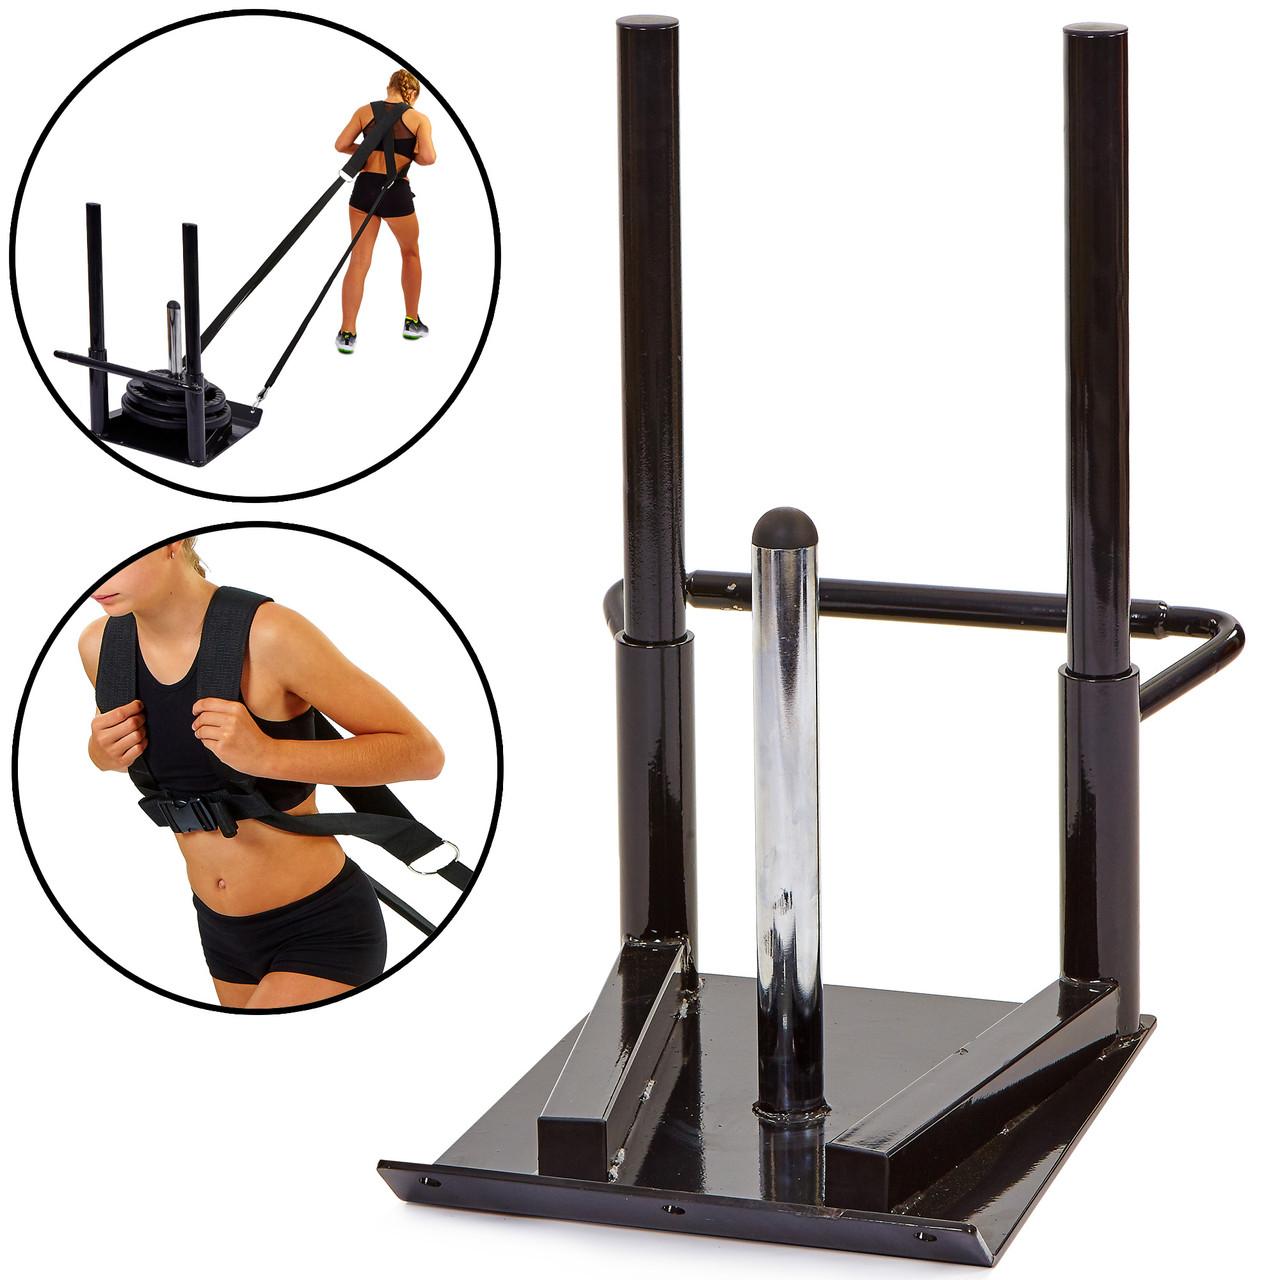 Сани тренировочные для кроссфита + петли Zelart ECONOMY SLED (металл, основание р-р 56х44см, h-80см)